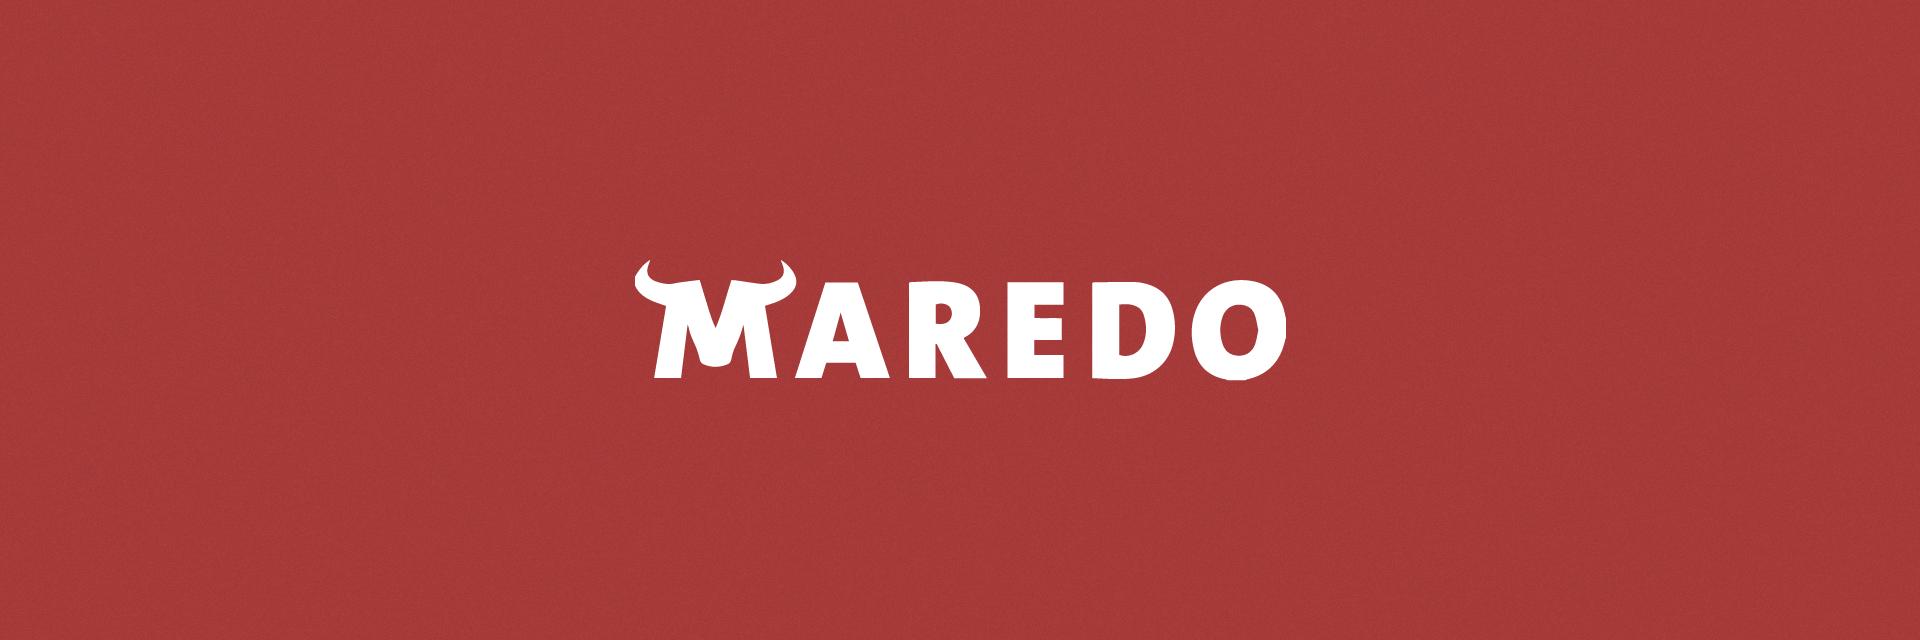 MAREDO Logo auf rotem Hintergrund